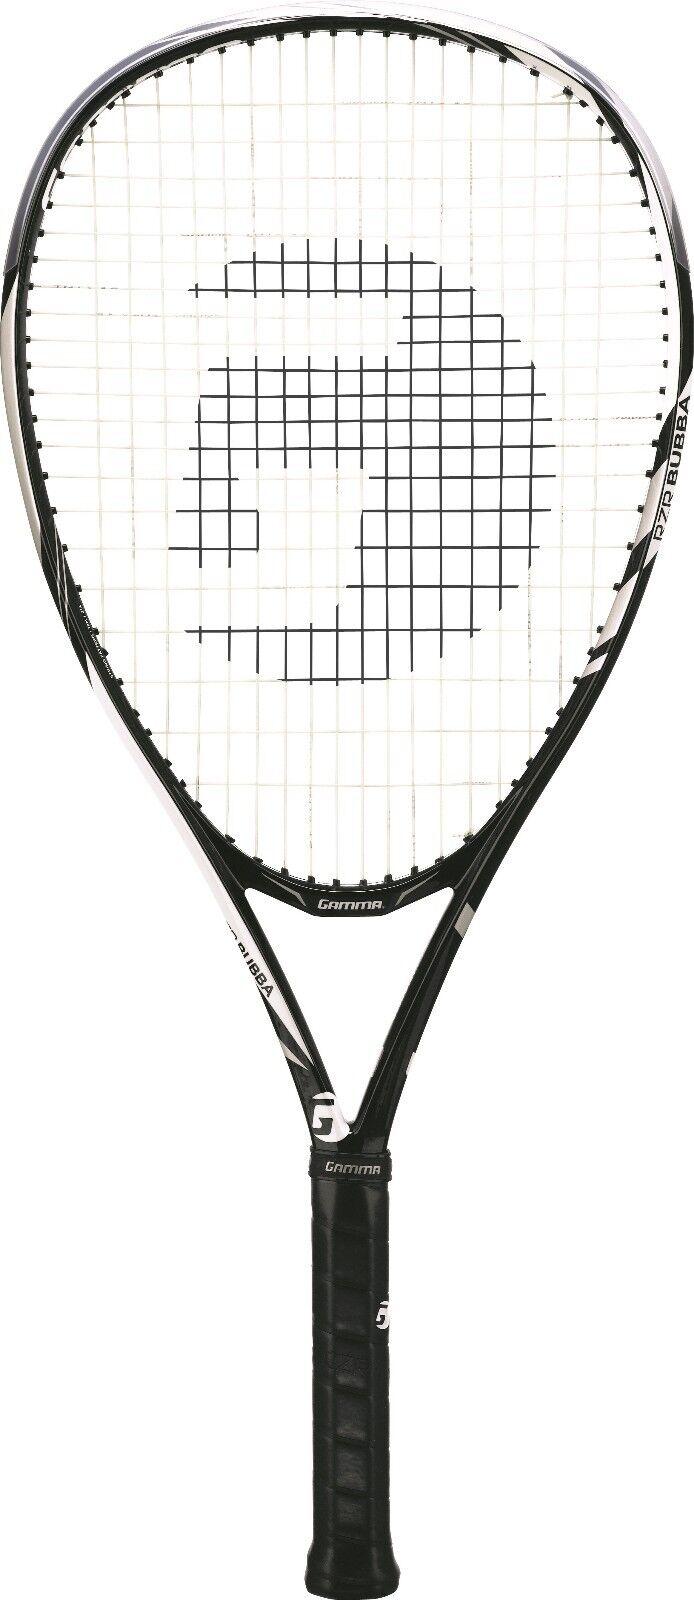 Gamma Rzr Big Bubba 137 OverTalla tenis raqueta 4 1  2 - garantía distribuidor-RG  220  el precio más bajo